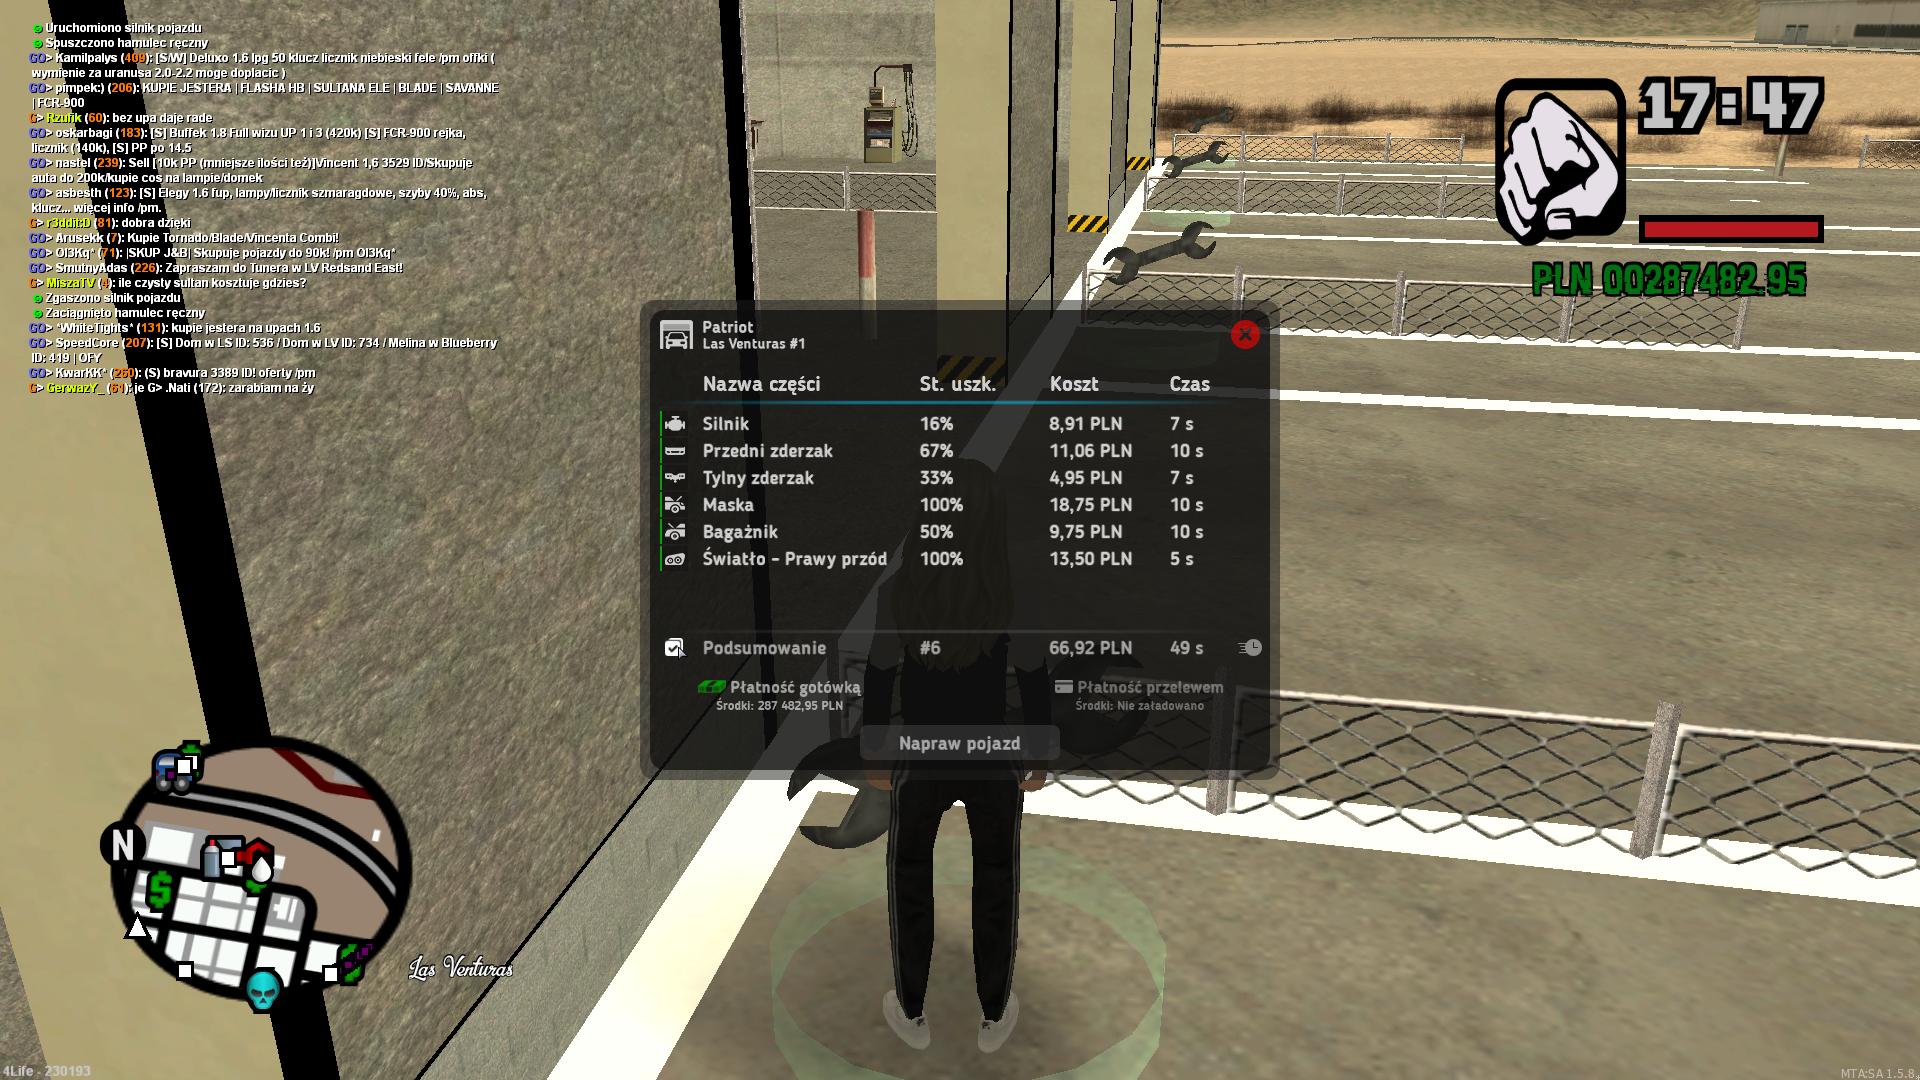 mta-screen_2021-09-12_22-55-03.png